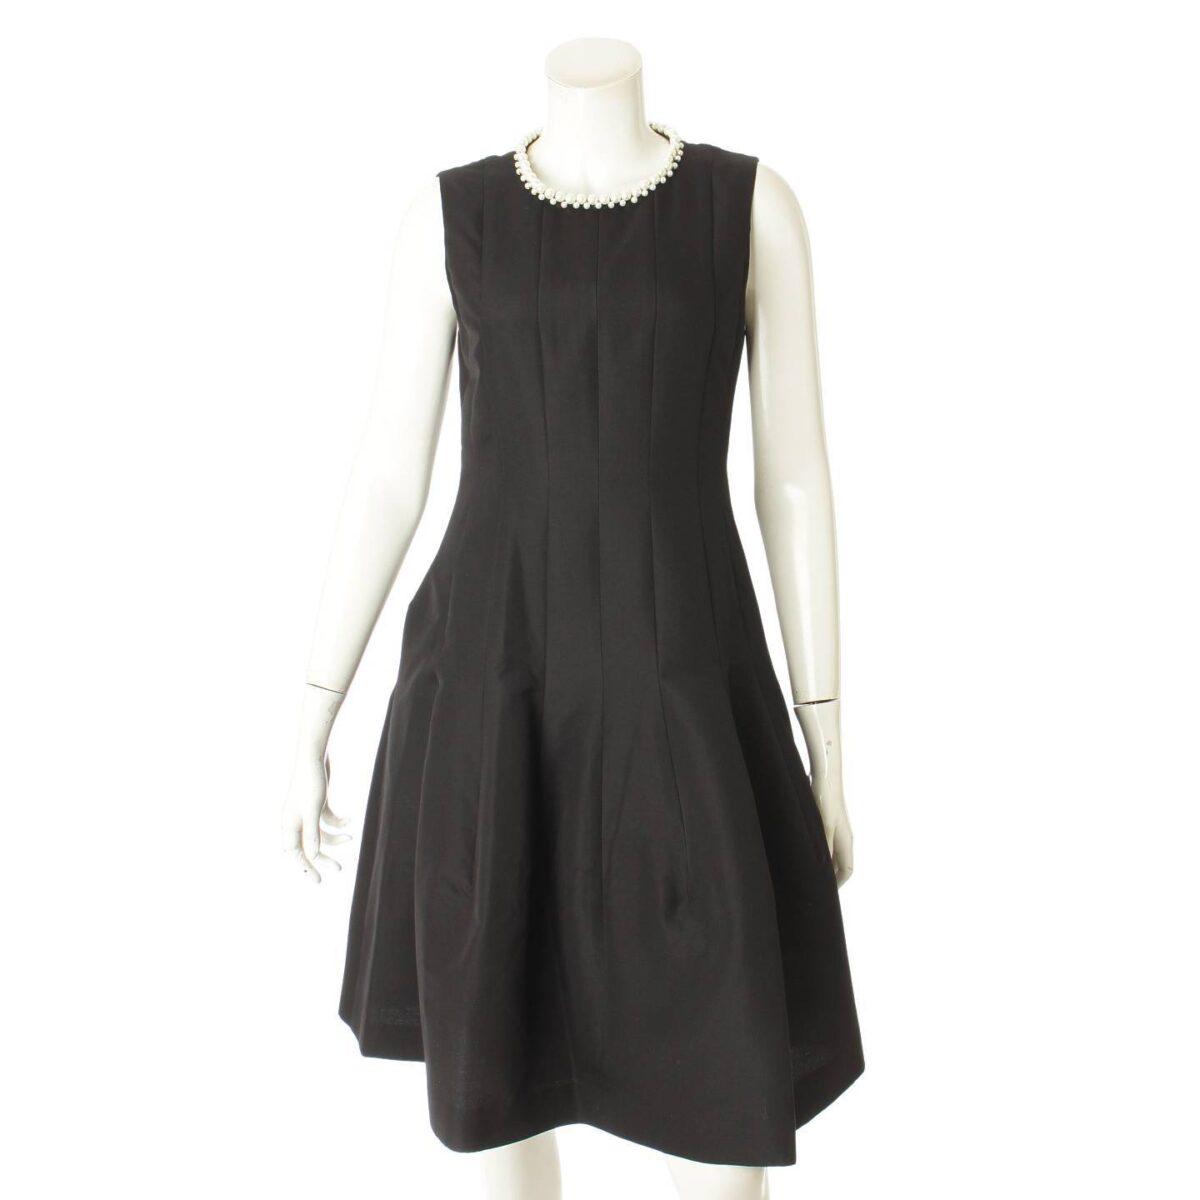 フォクシー Paneled Seam Dress パール装飾 ワンピース ドレス 36737 ブラック